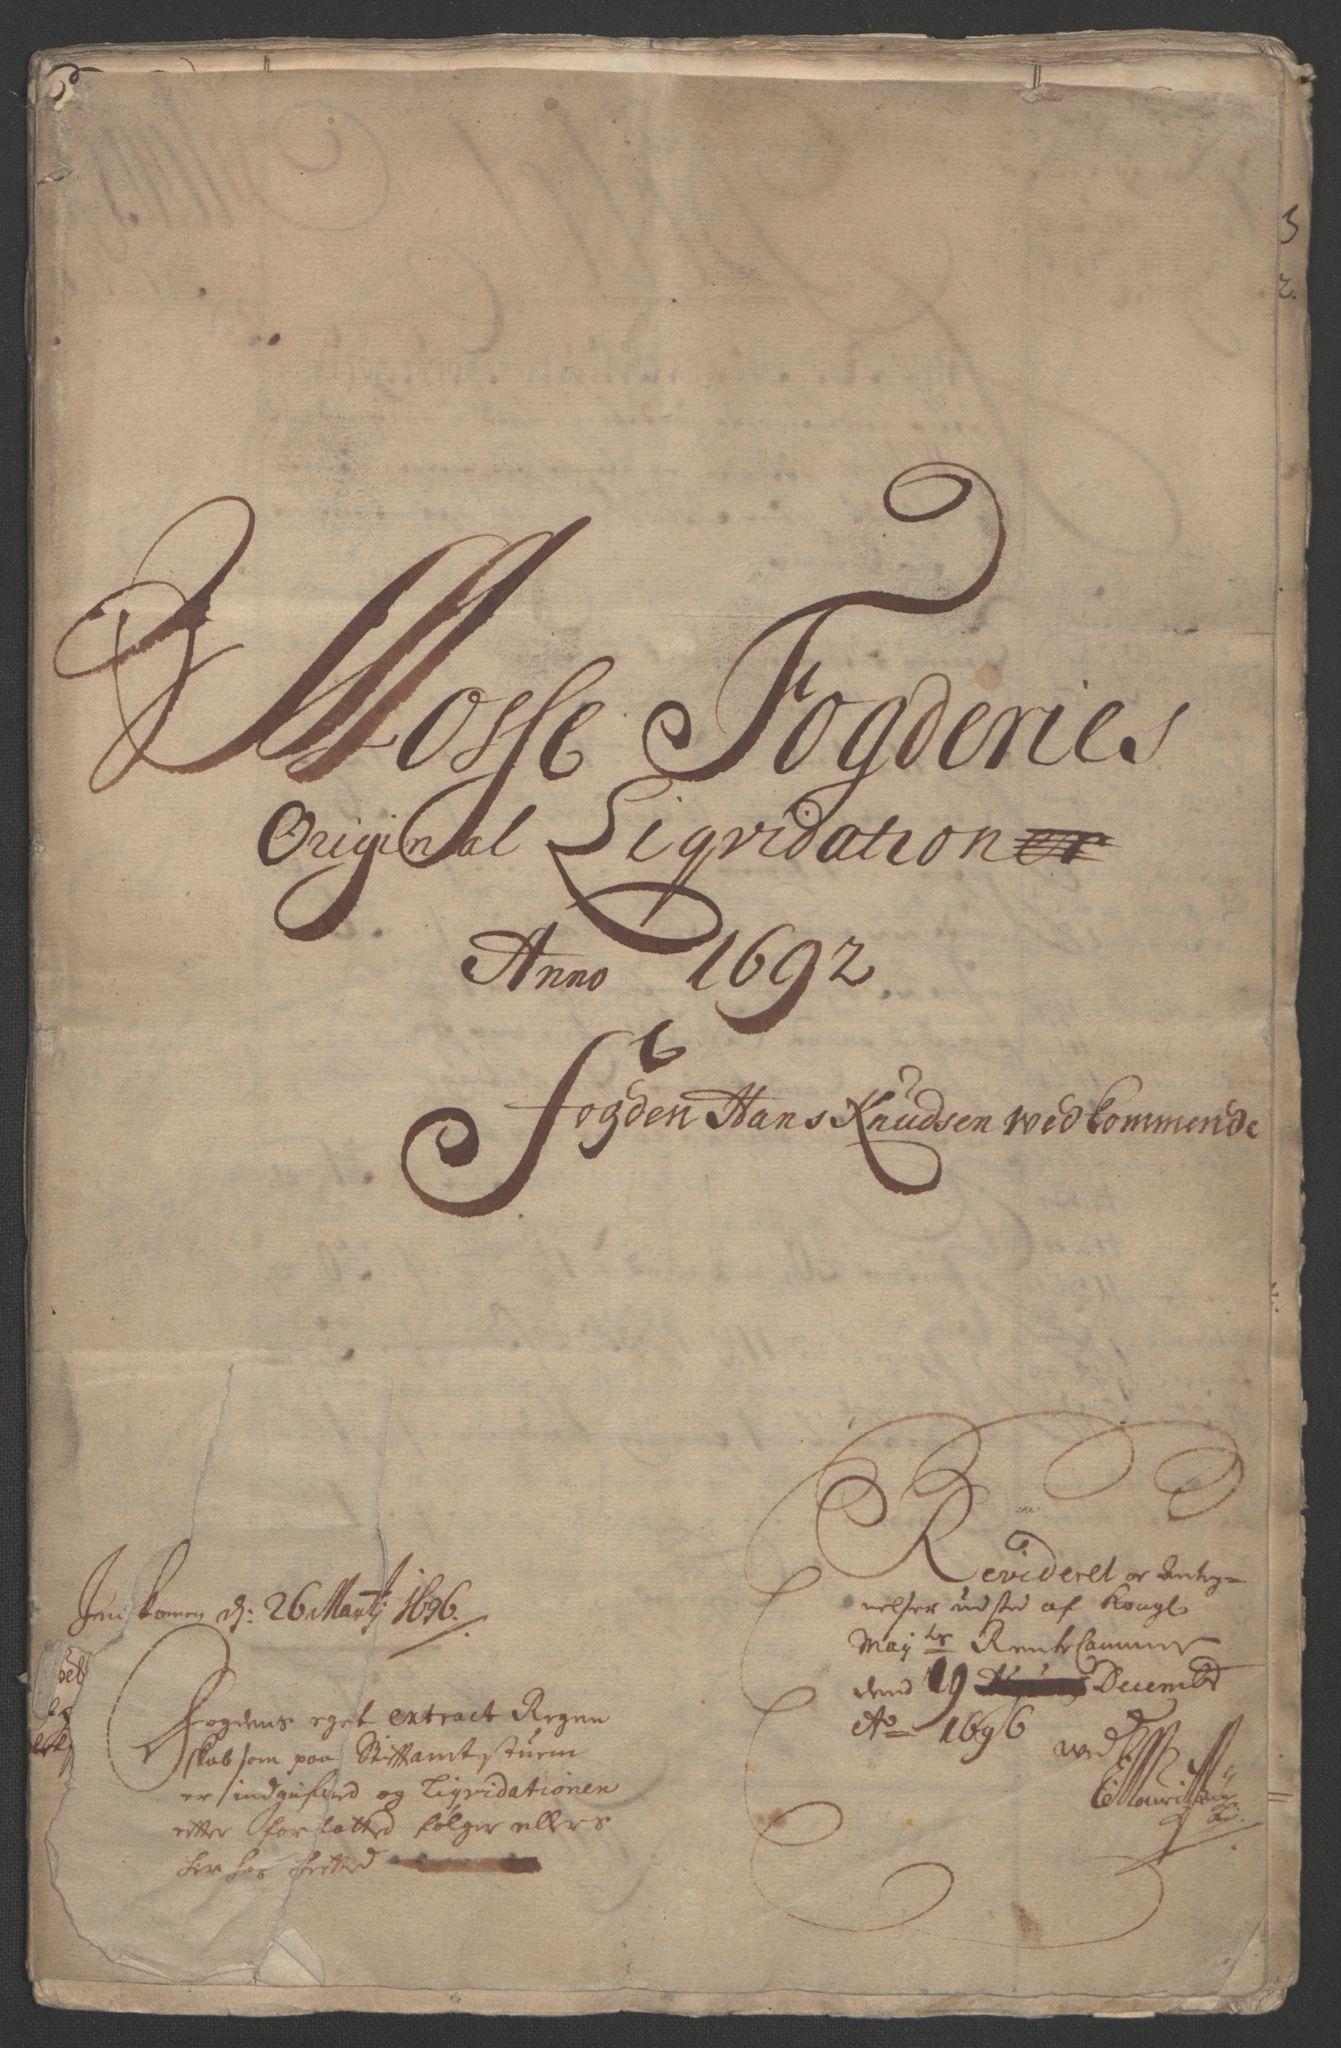 RA, Rentekammeret inntil 1814, Reviderte regnskaper, Fogderegnskap, R02/L0108: Fogderegnskap Moss og Verne kloster, 1692-1693, s. 2